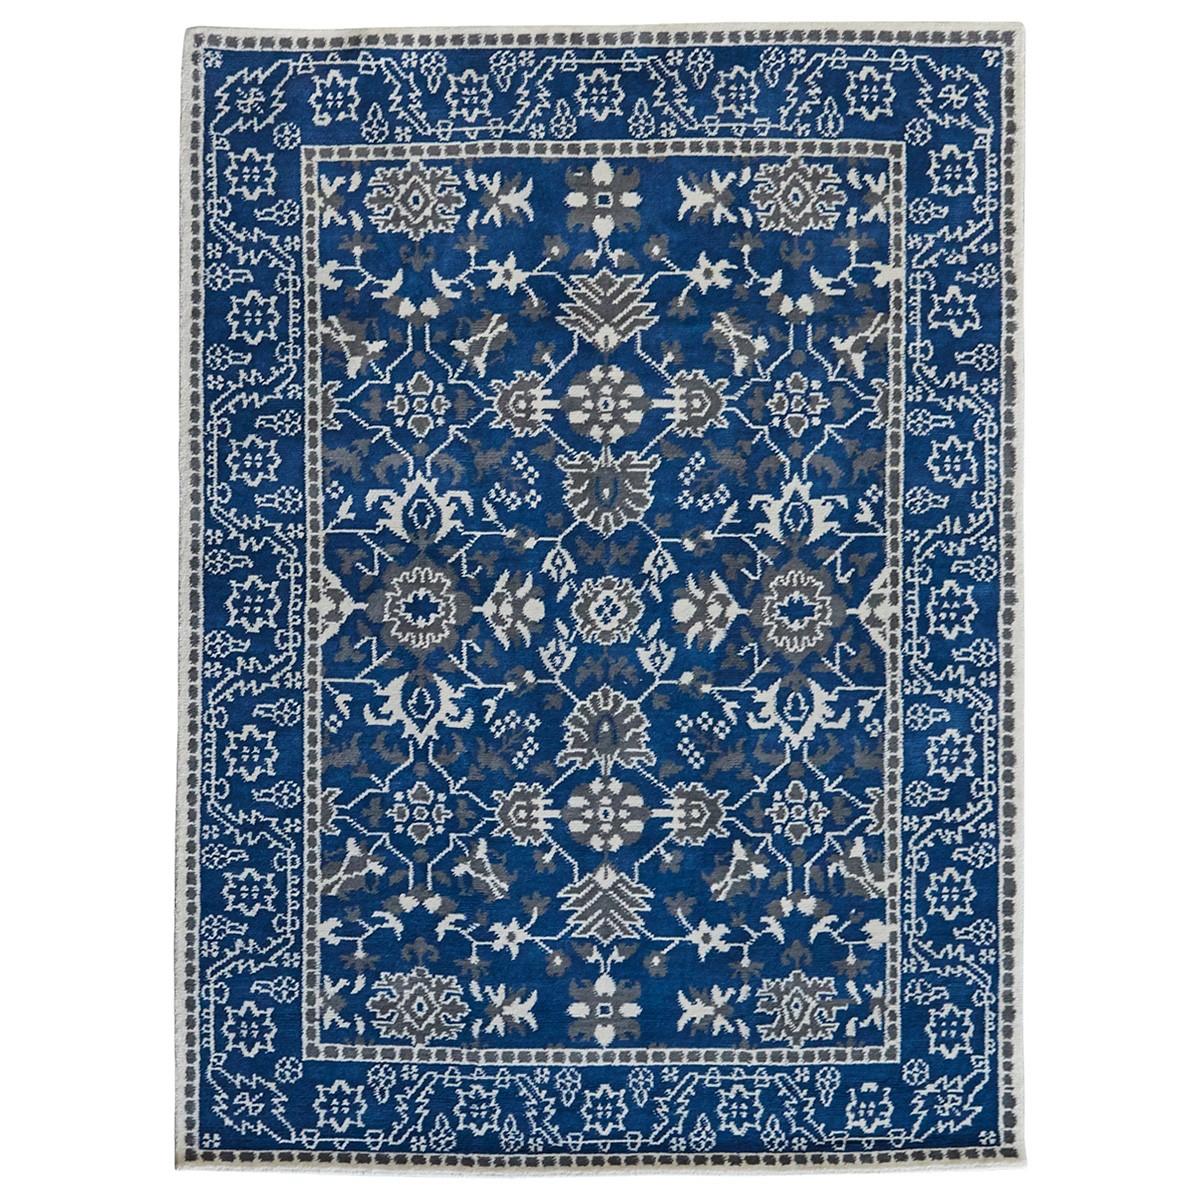 Tabriz Hand Tufted Oriental Wool Rug, 240x320cm